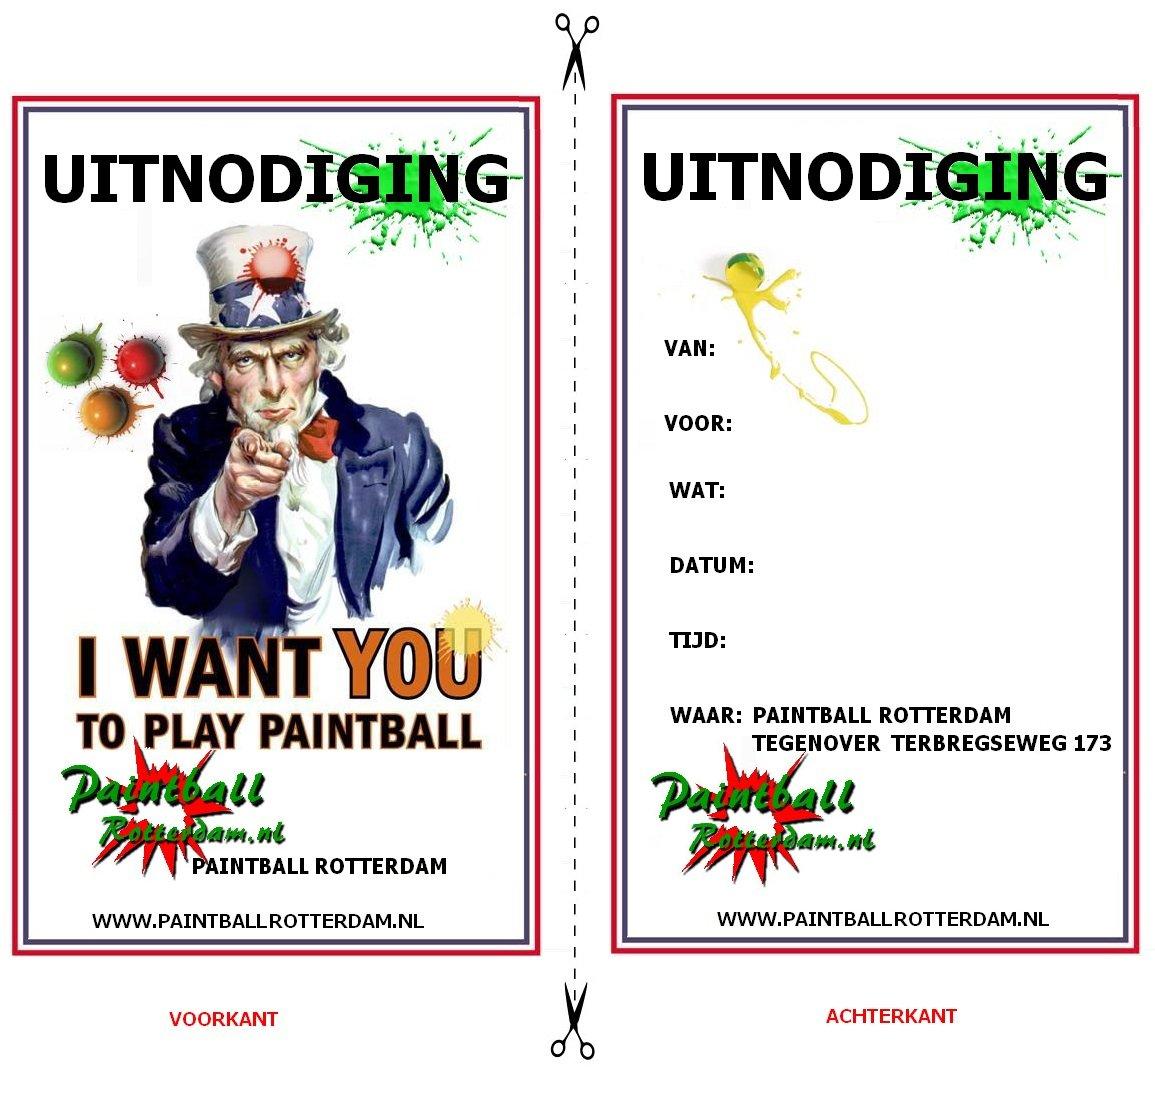 paintball-rotterdam-uitnodiging1